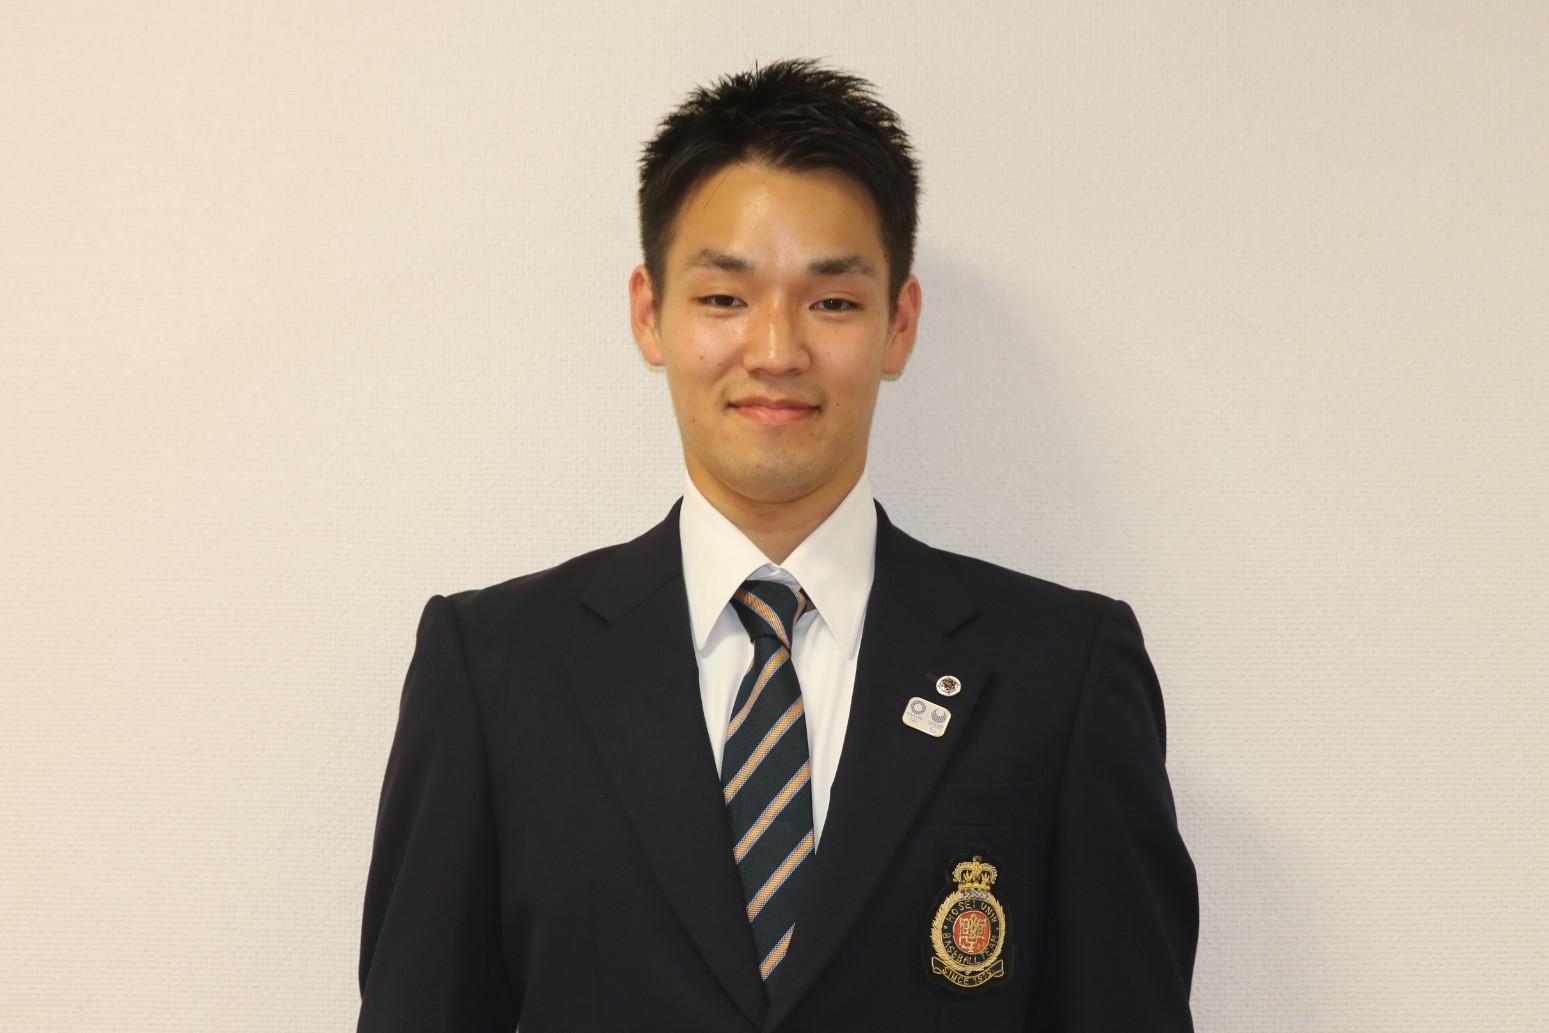 マネ6長谷川健介